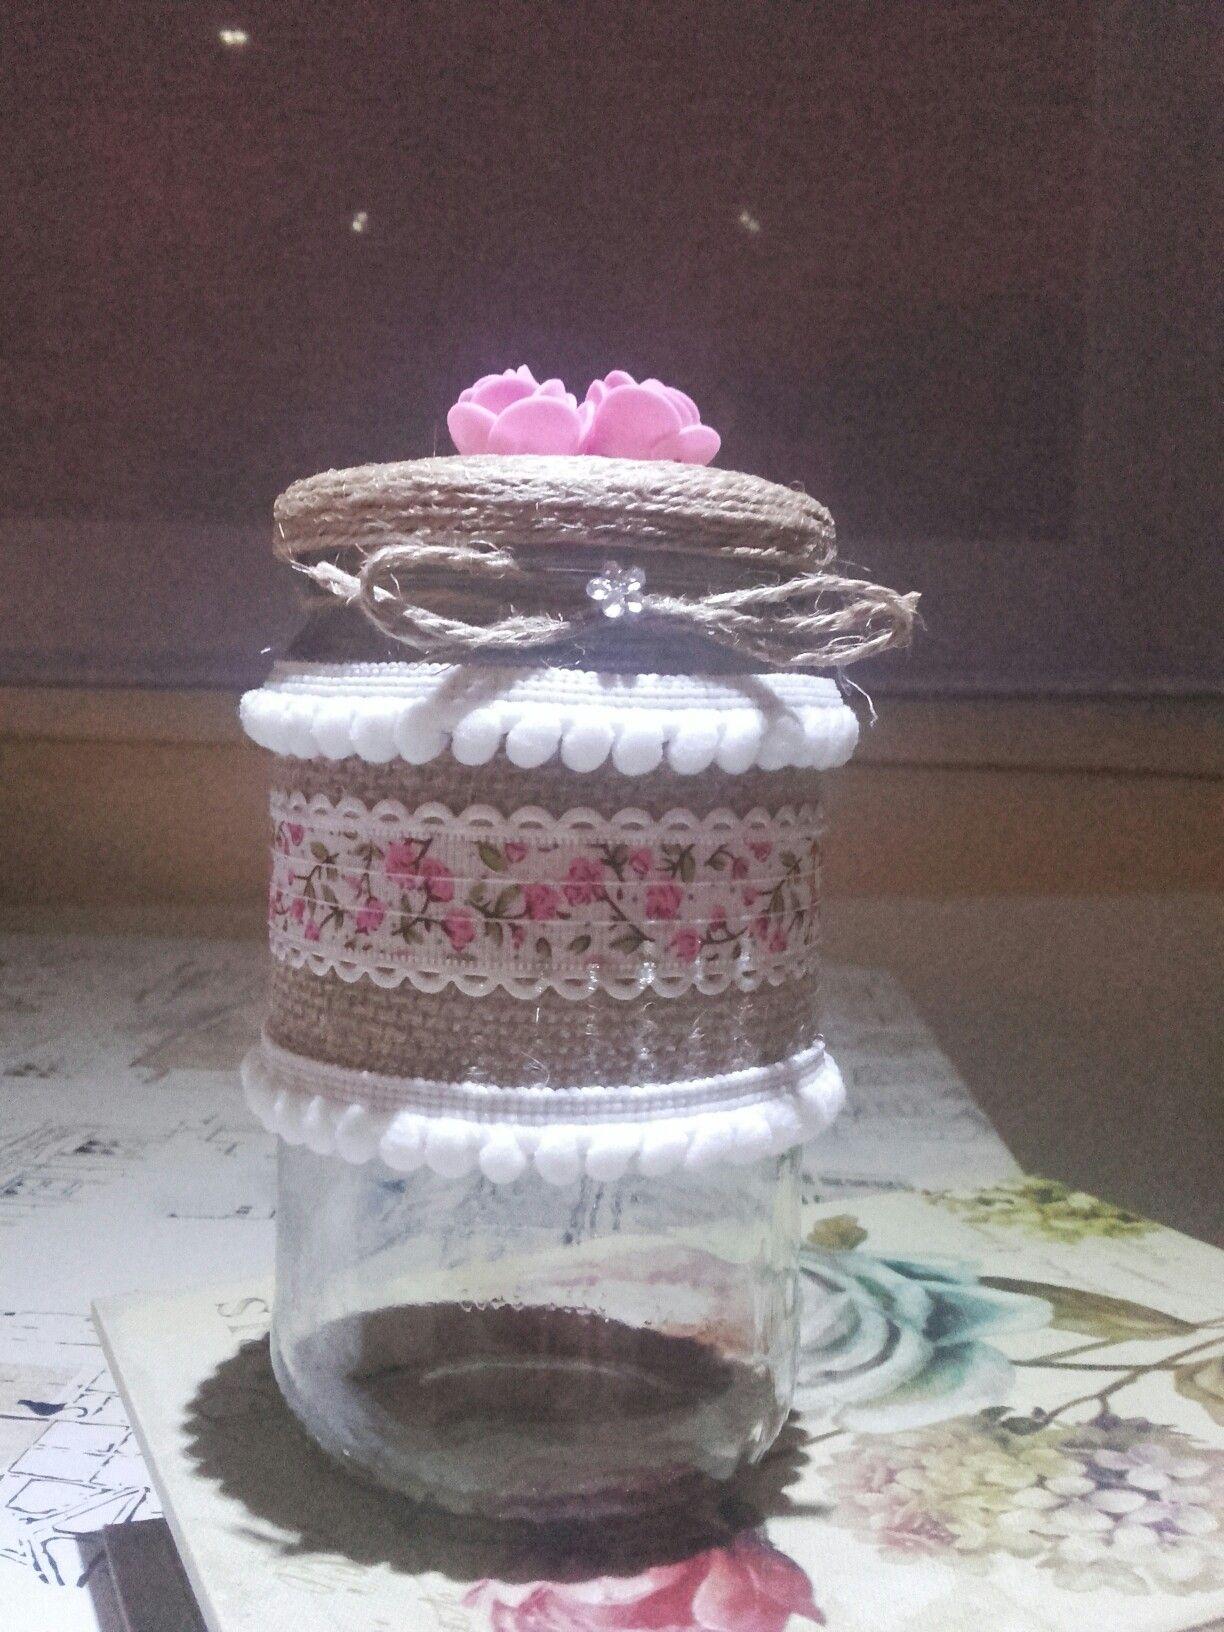 Bote de cristal decorado,este lo he reciclado para guardar algodon,aunque para cualquier otro almacenaje o florero genial,he usado tela,puntillas y cuerda.